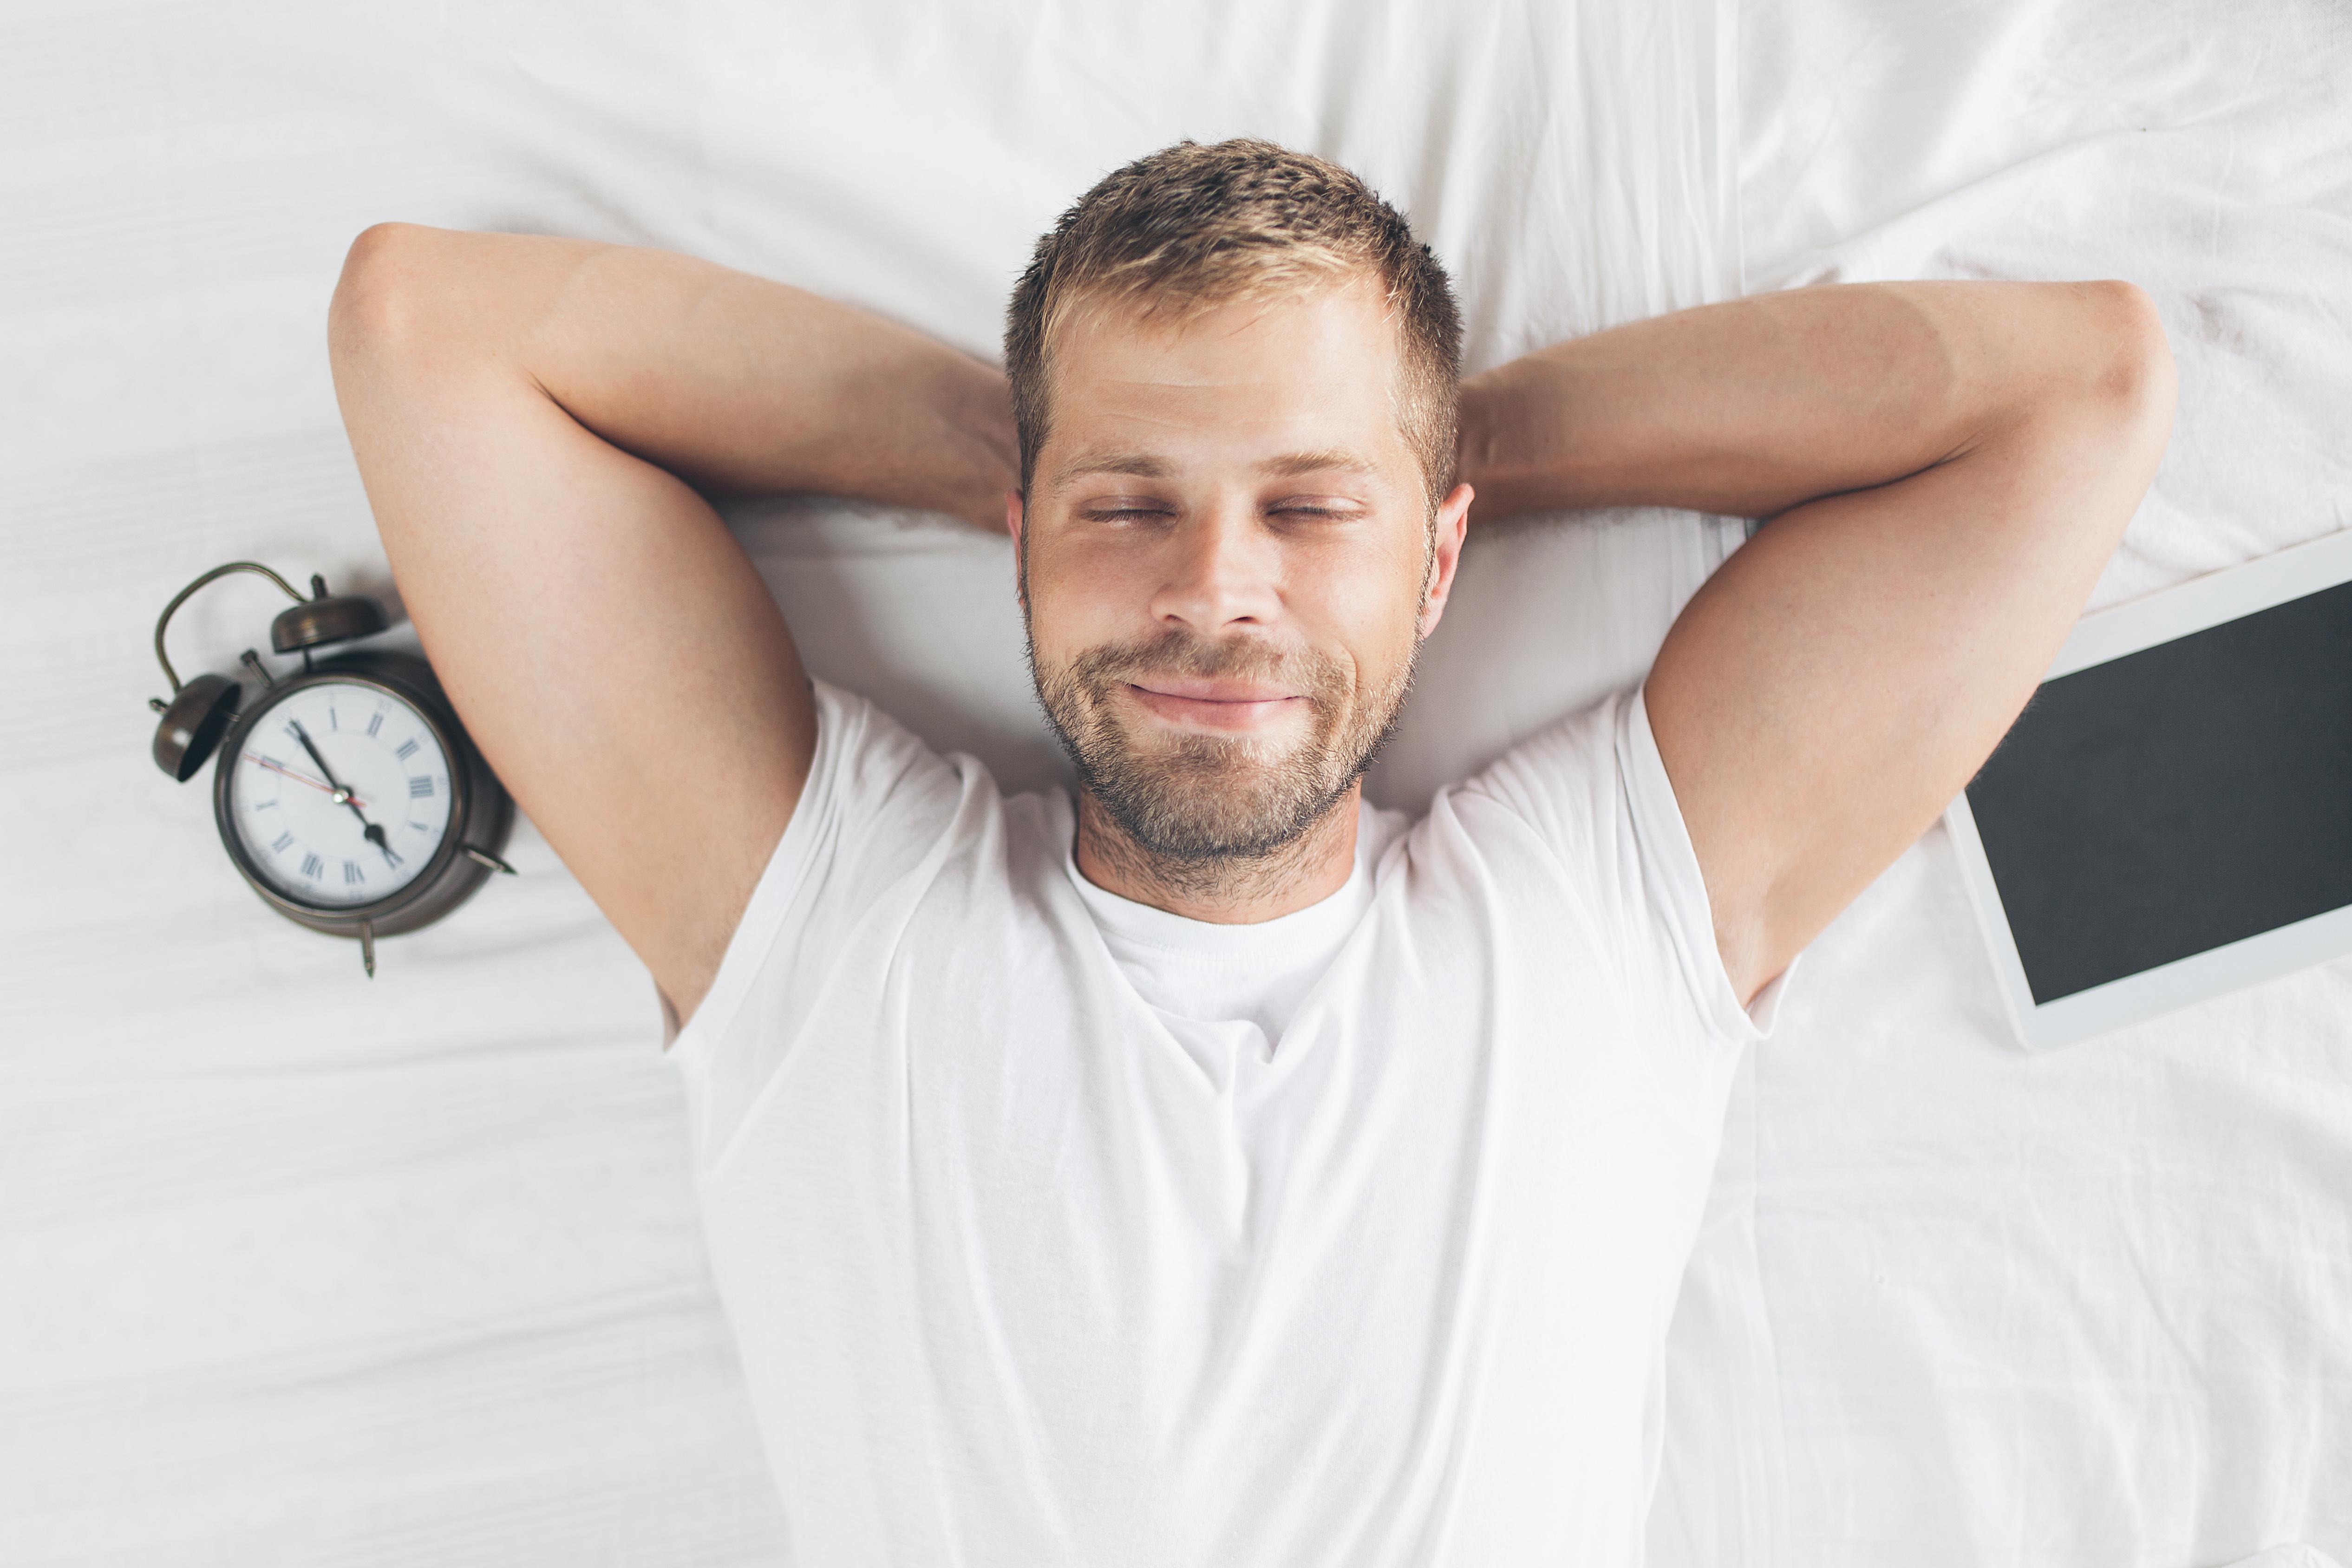 5 dicas para ensinar seu corpo a acordar cedo